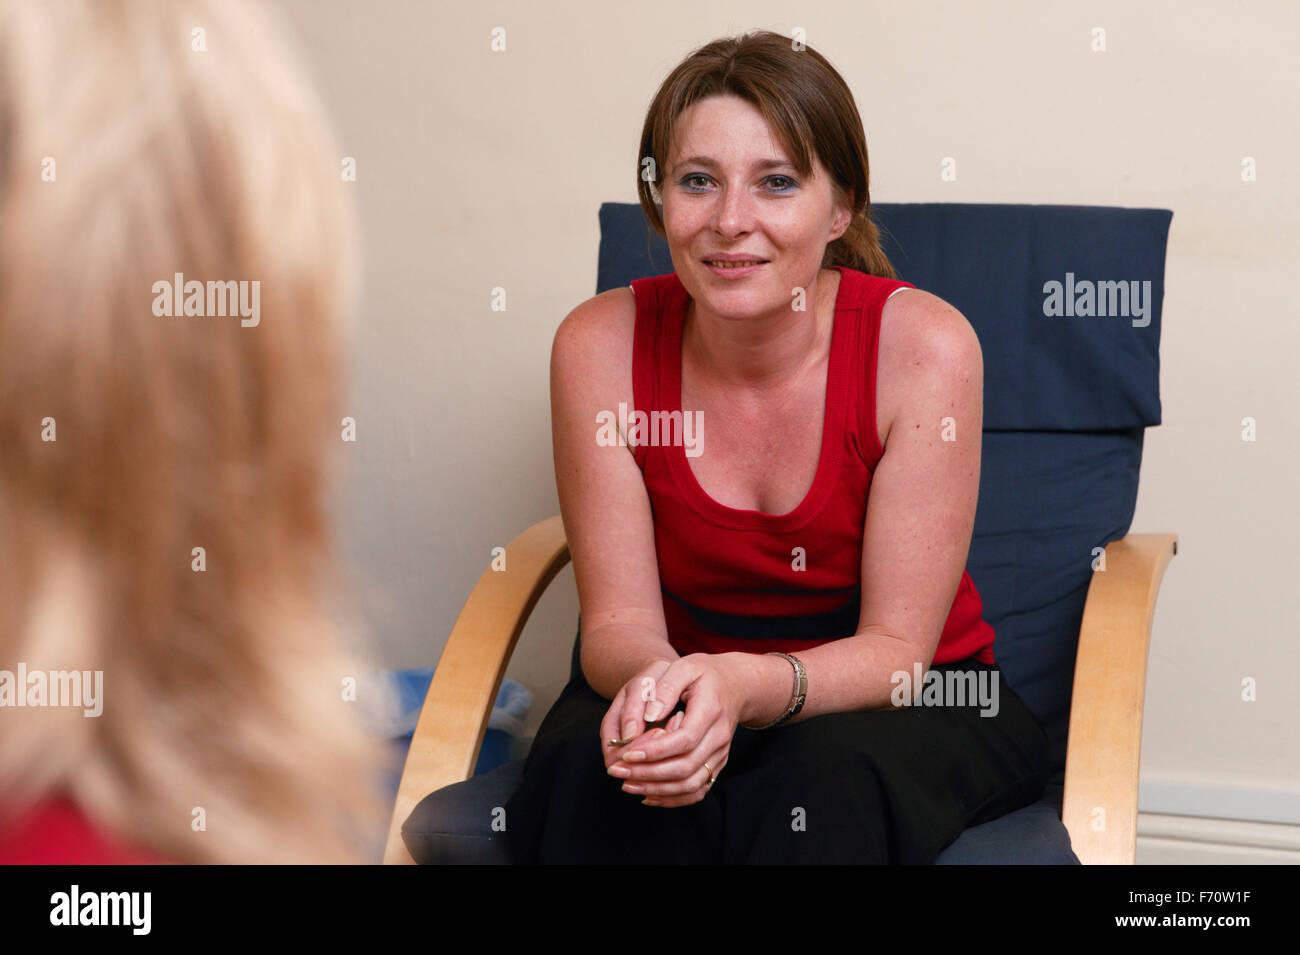 Jeune femme de l'utilisateur de services de counseling dans un service du logement, Photo Stock